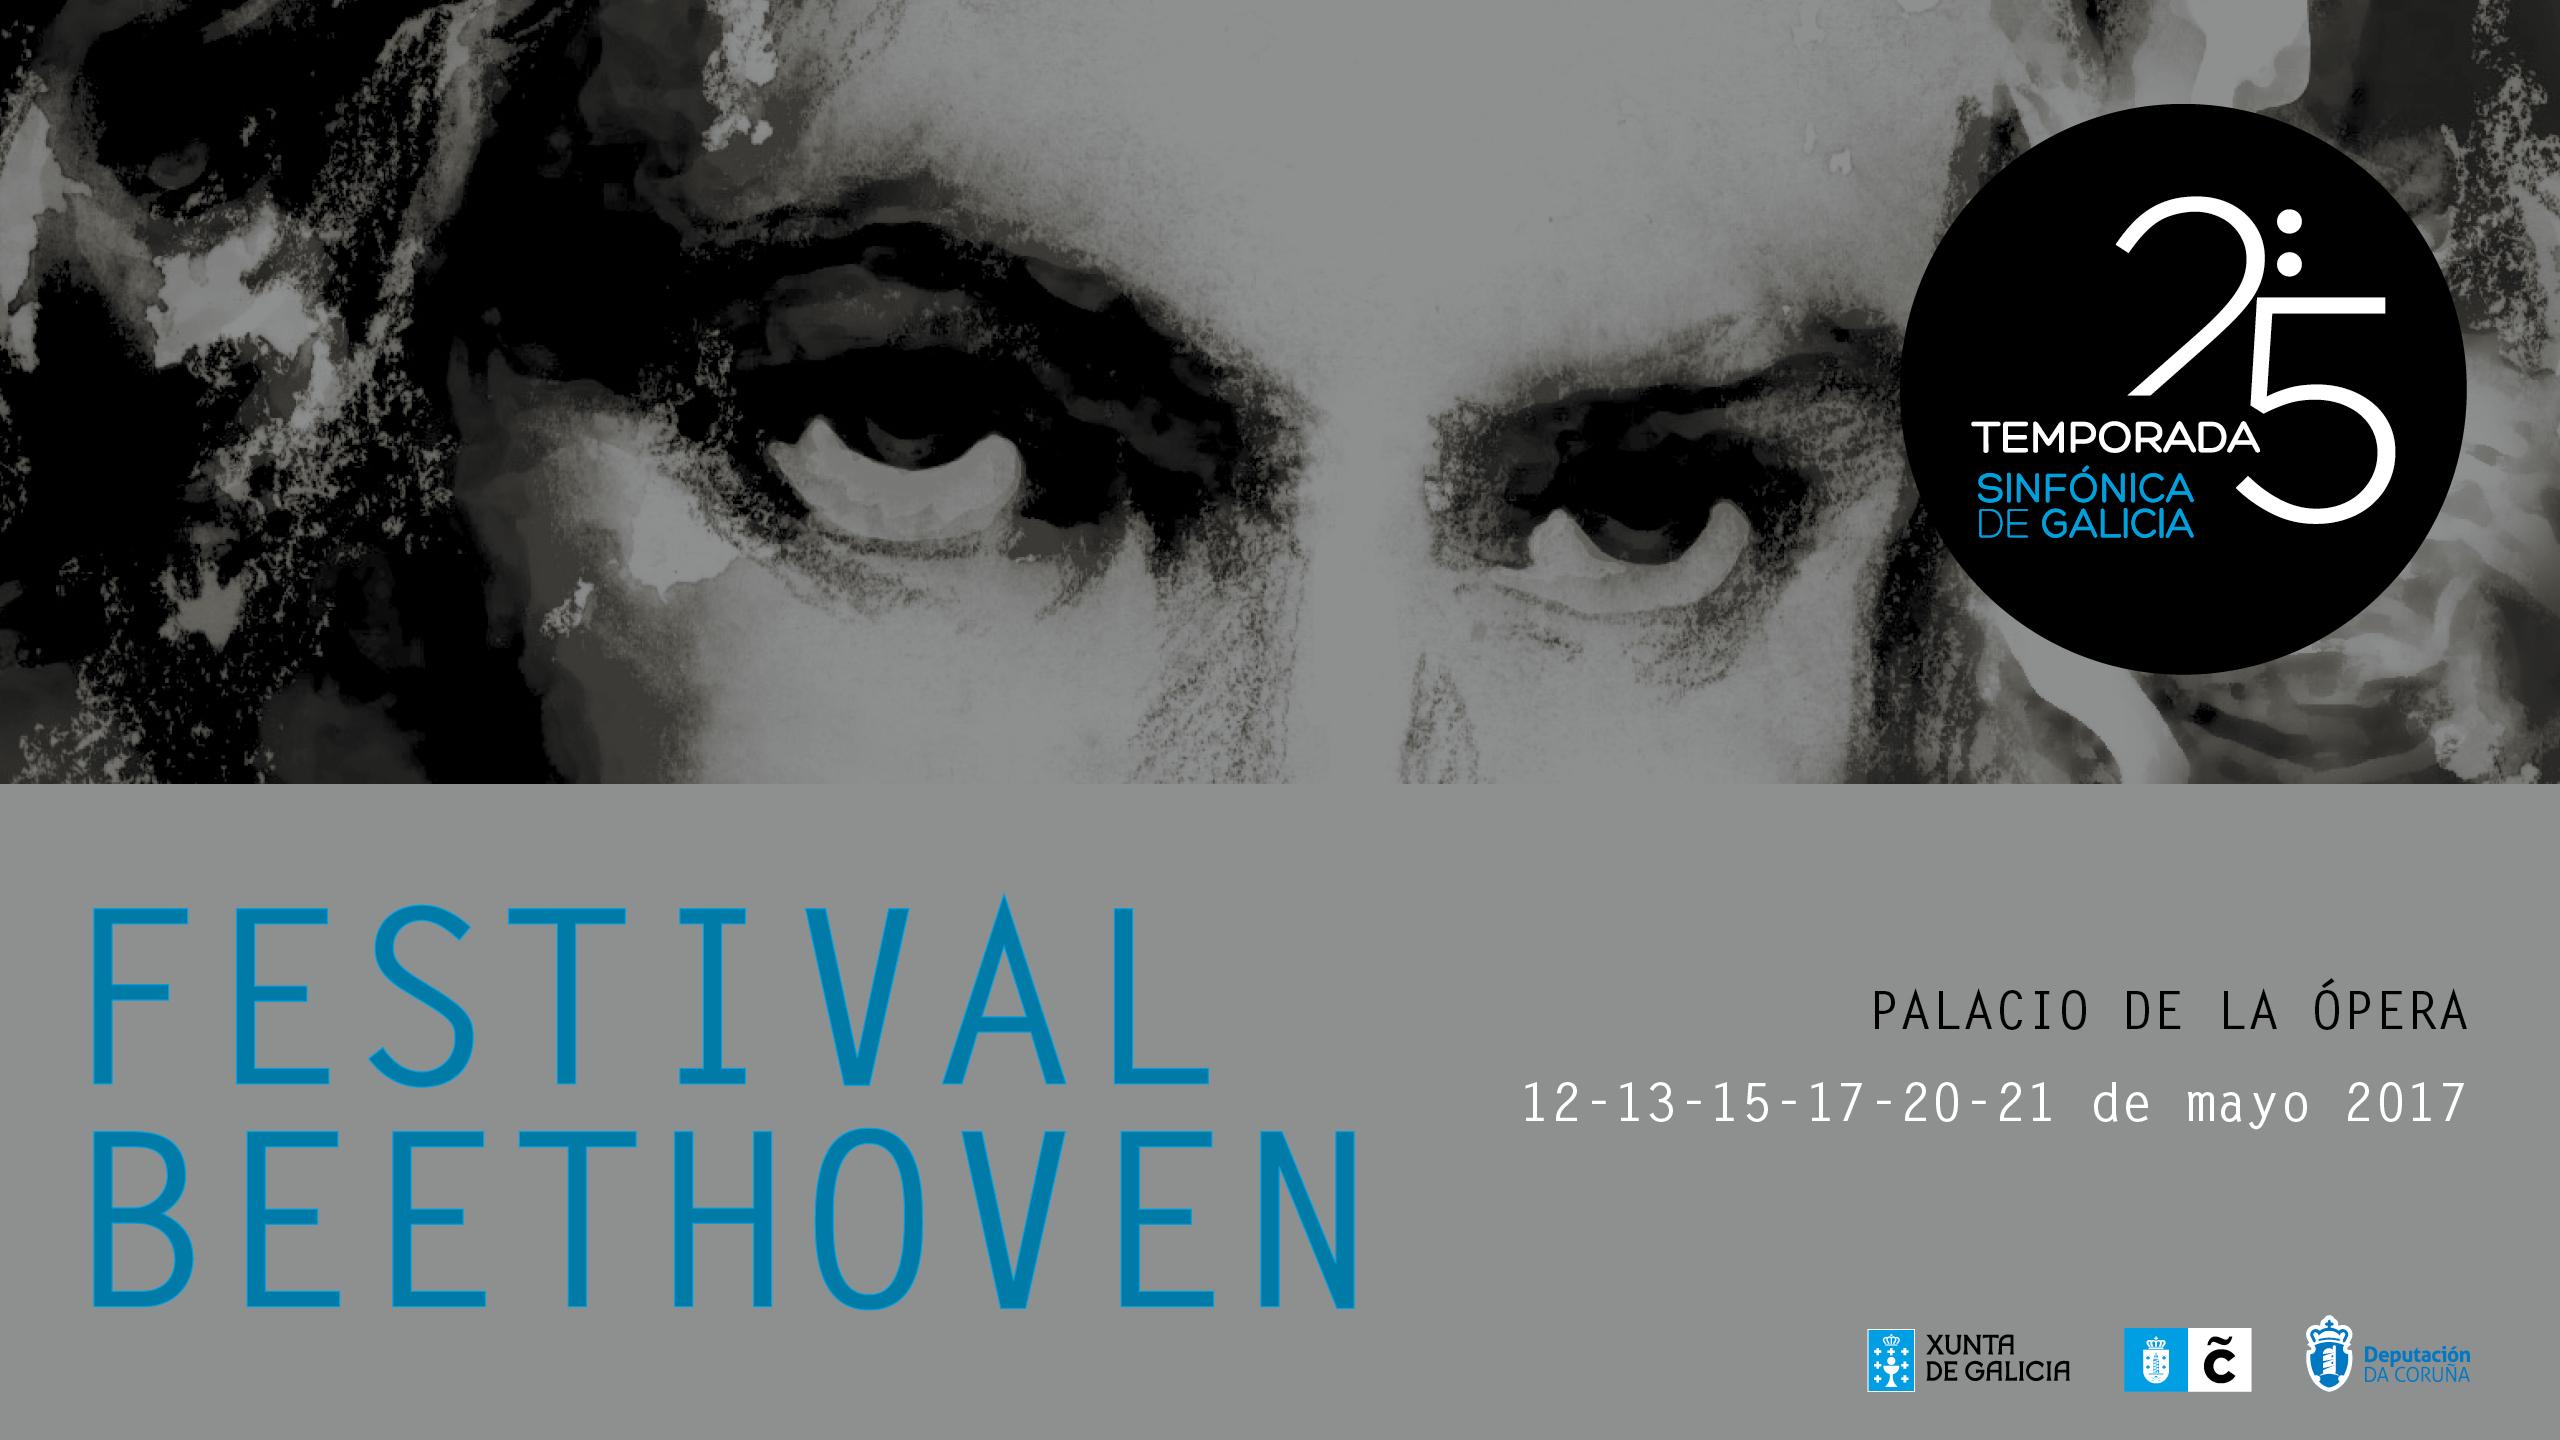 La Orquesta Sinfónica de Galicia celebra su primer cuarto de siglo con un Festival Beethoven que retransmirá en Streaming HD en su canal de YouTube